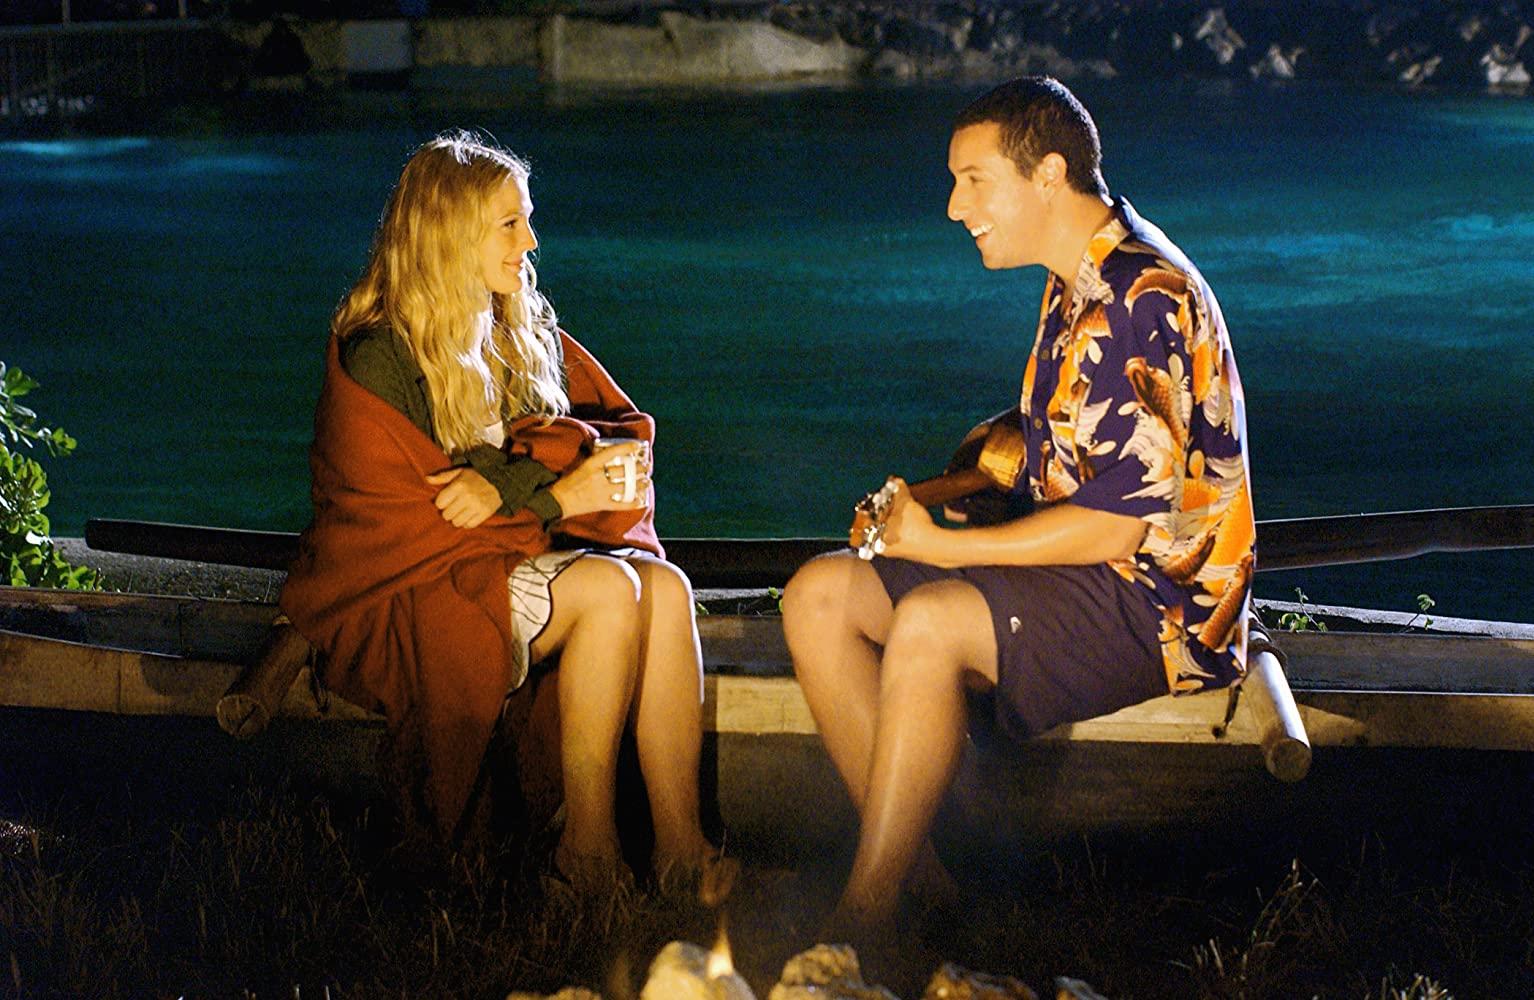 Ωραίο ταινιάκι σήμερα το βράδυ στη tv